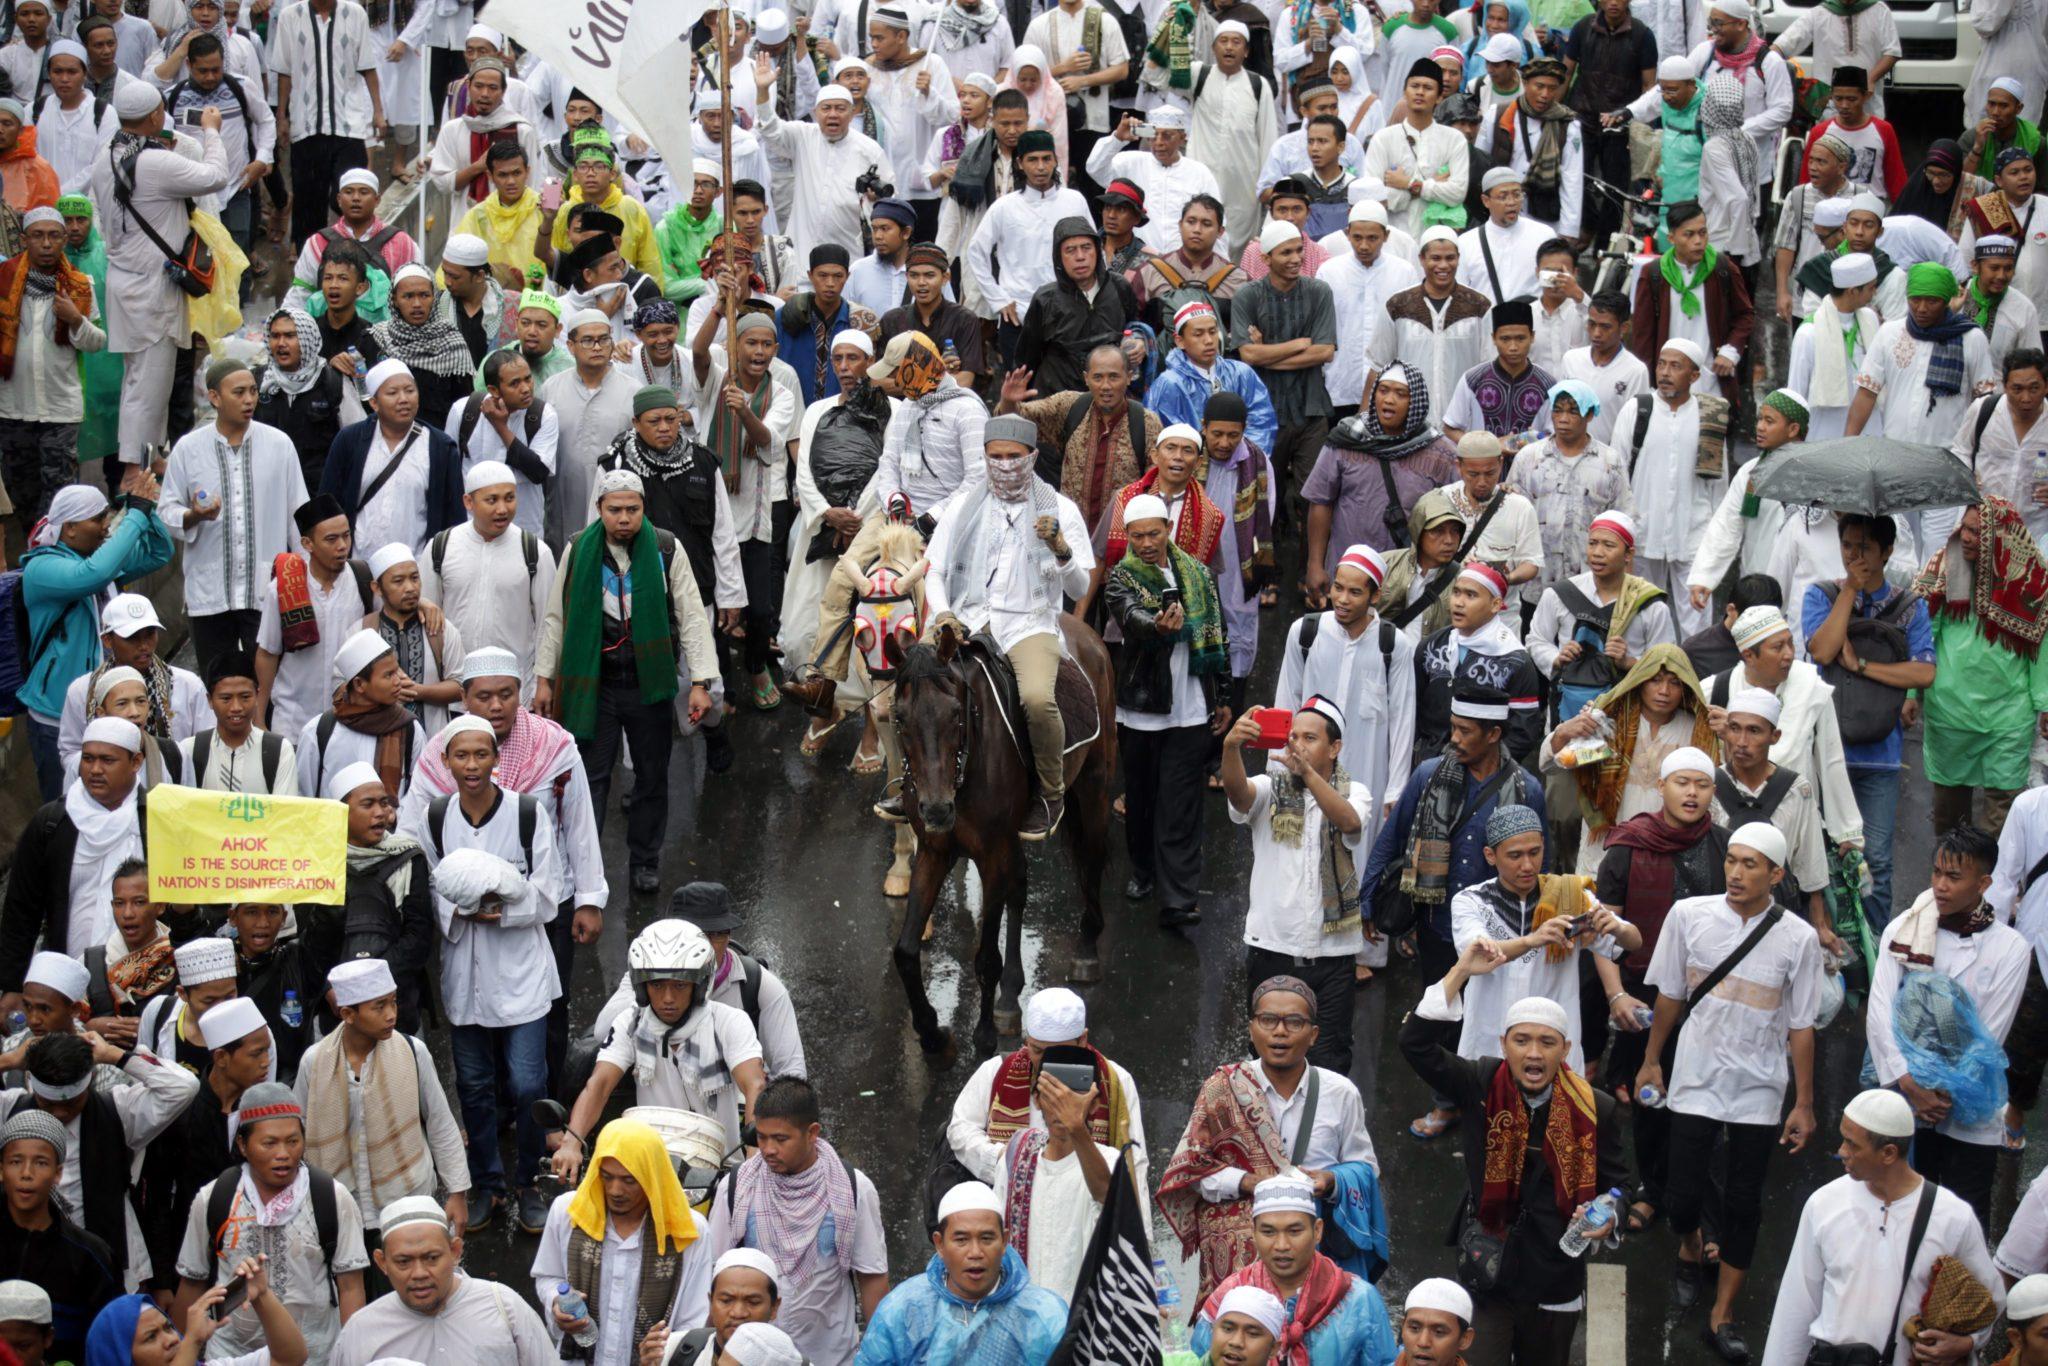 Indonezja: protest muzułmańskiej większości przeciwko chrześcijańskiemu prezydentowi Dżakarty (foto. PAP/EPA/BAGUS INDAHONO)